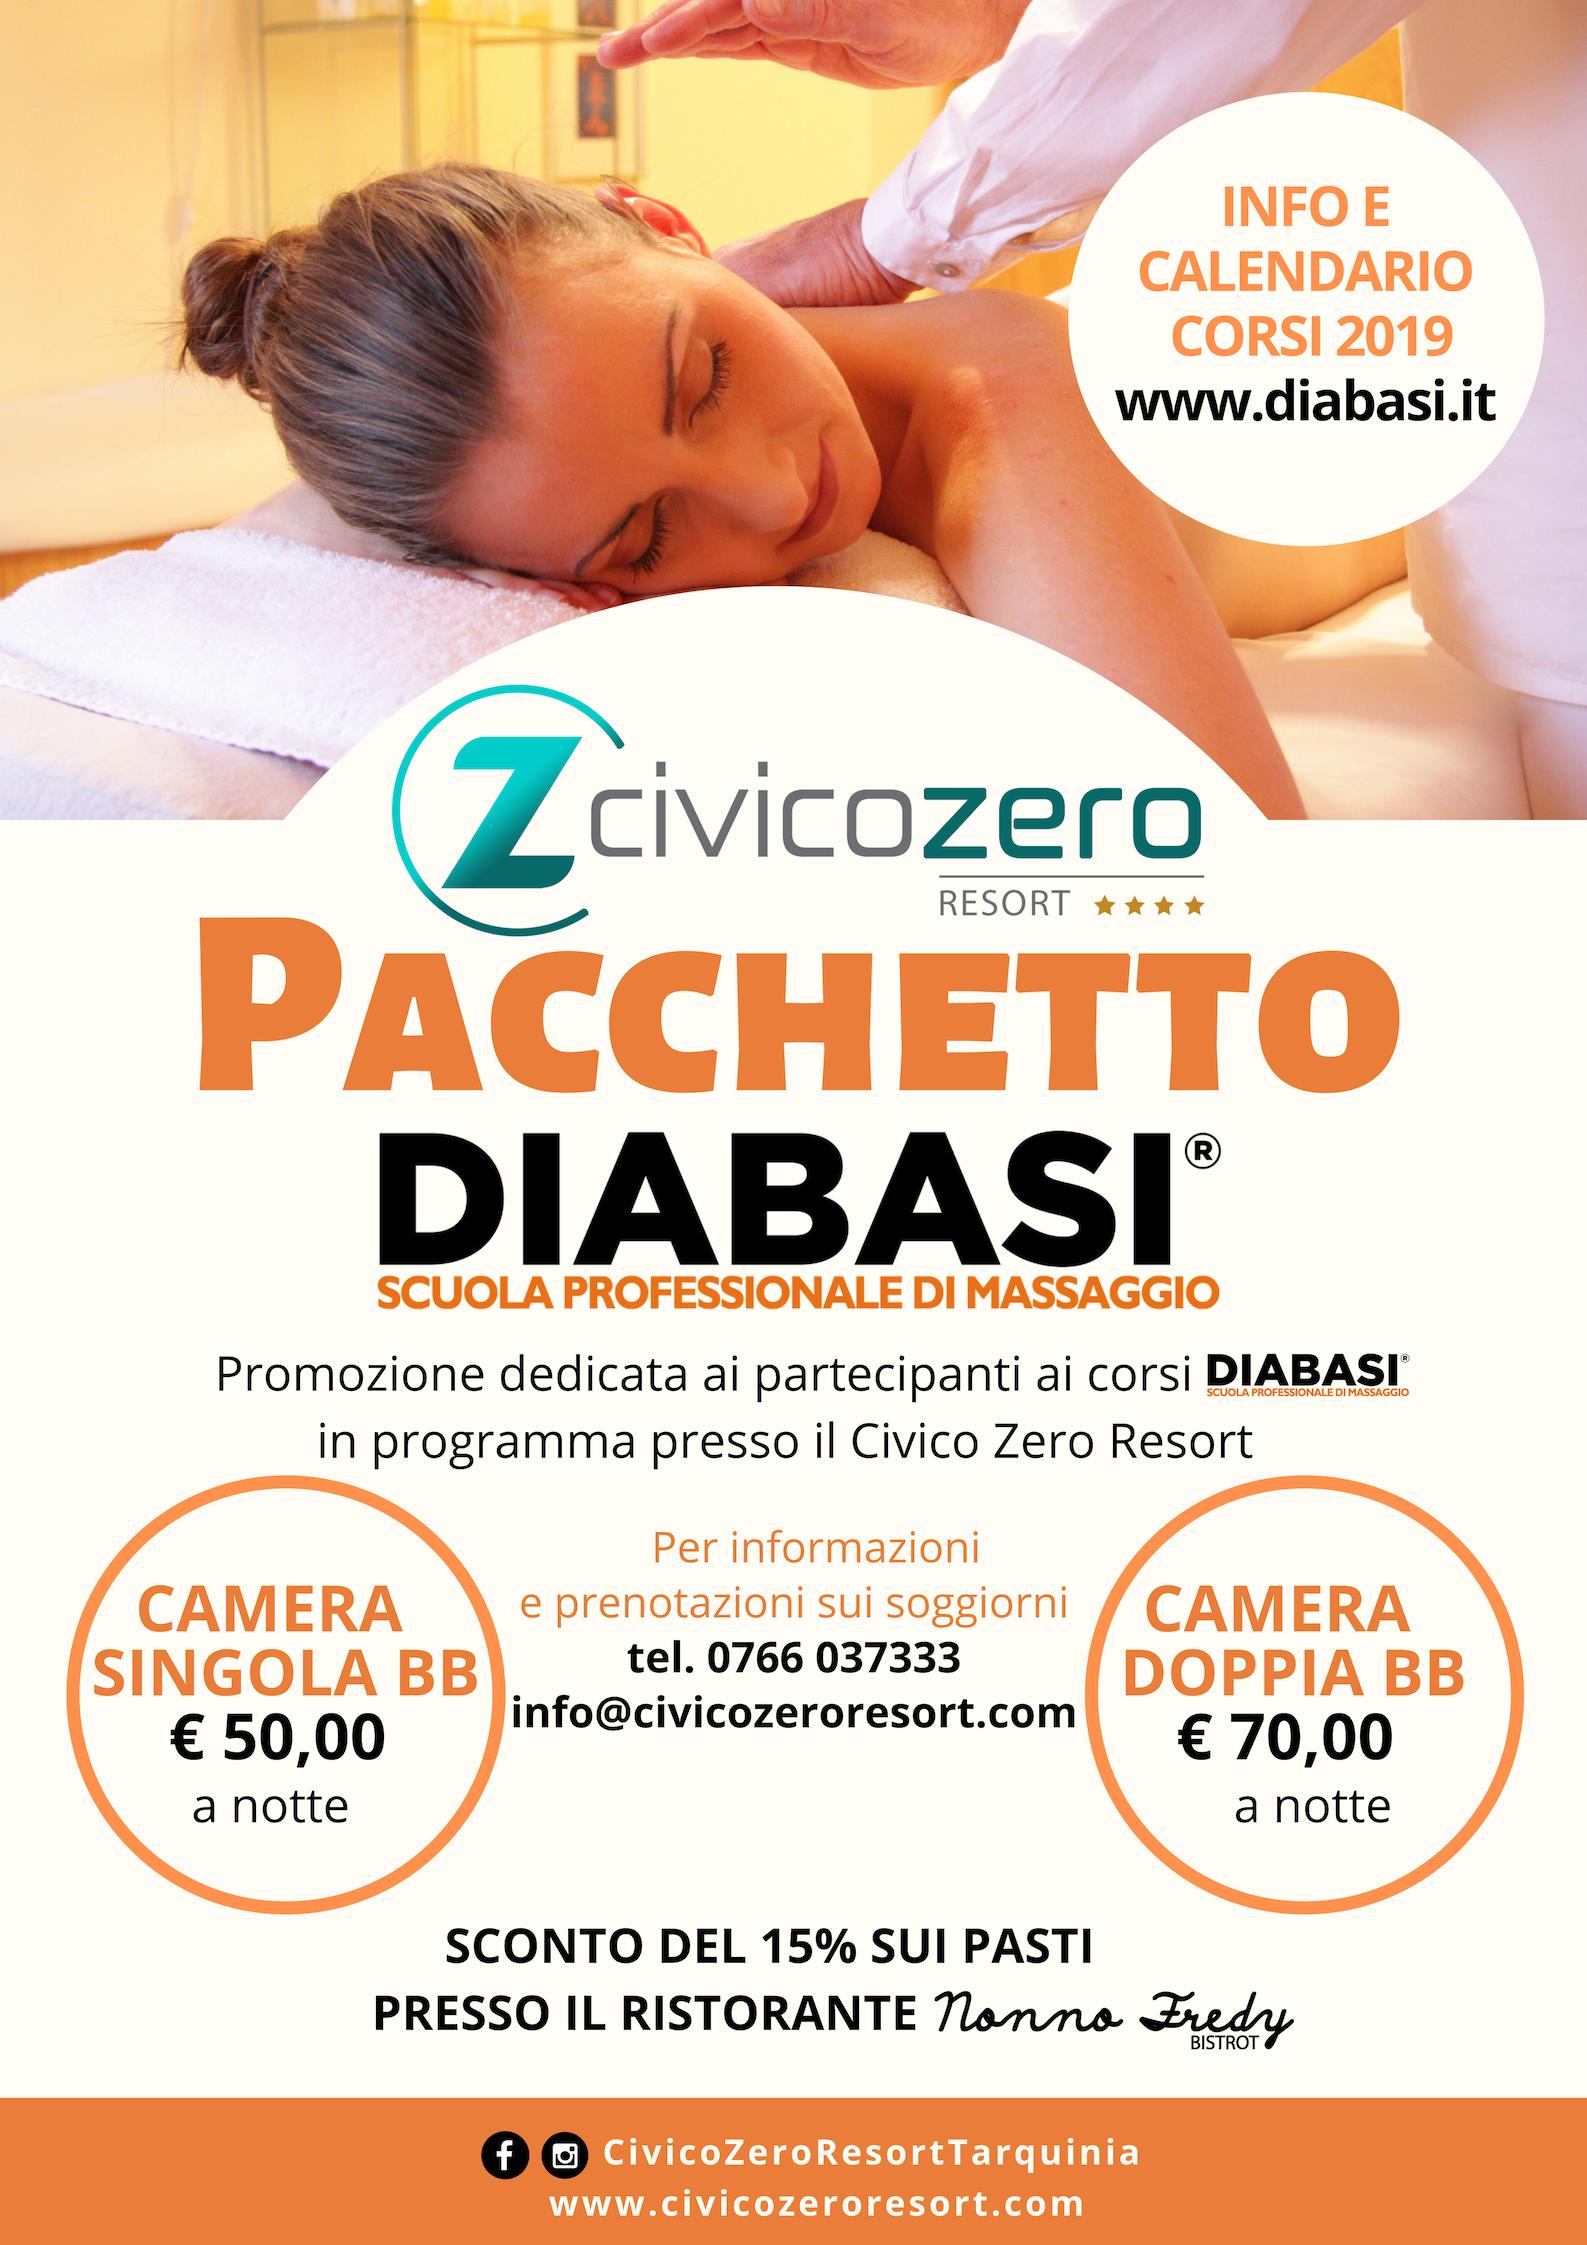 Diabasi Calendario.Corsi Di Massaggio Diabasi Al Civico Zero Resort Civico